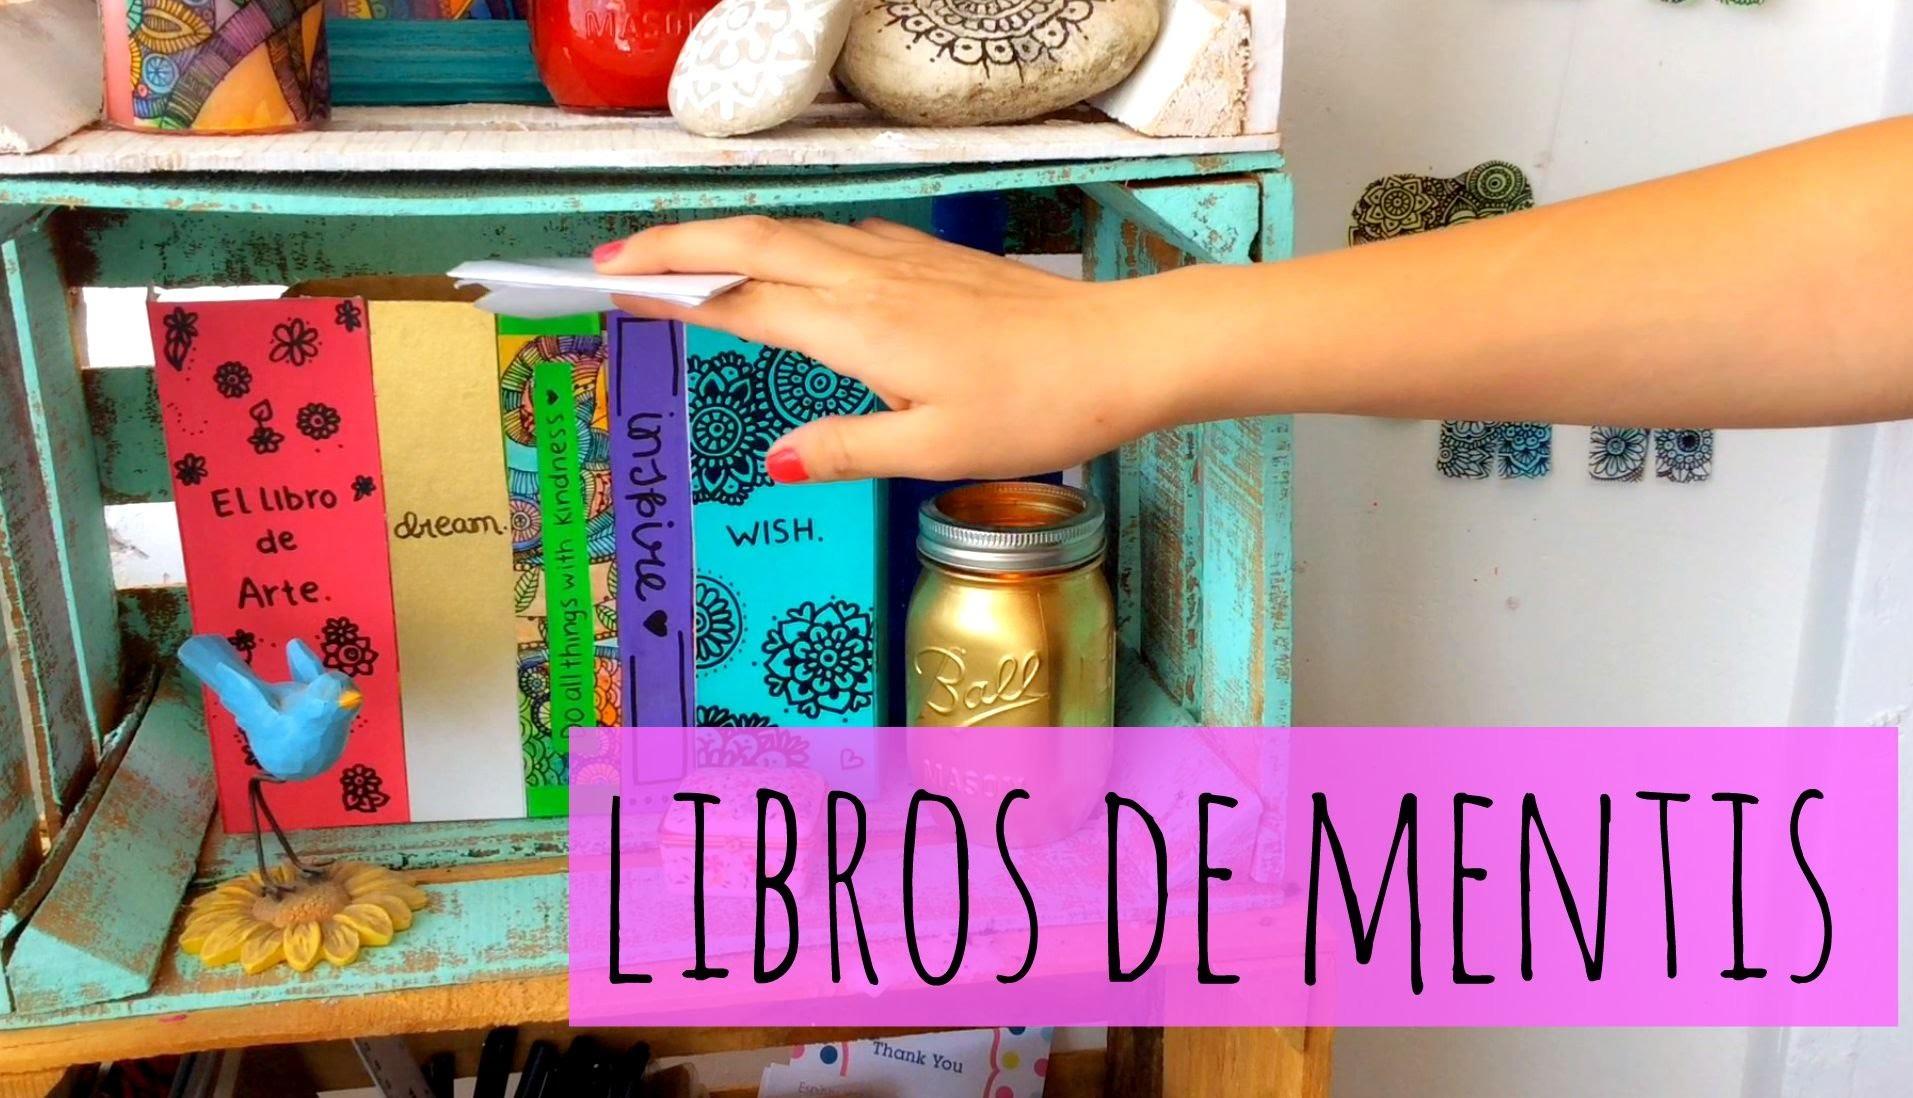 Libros de mentis + Escondite ♡ DIY